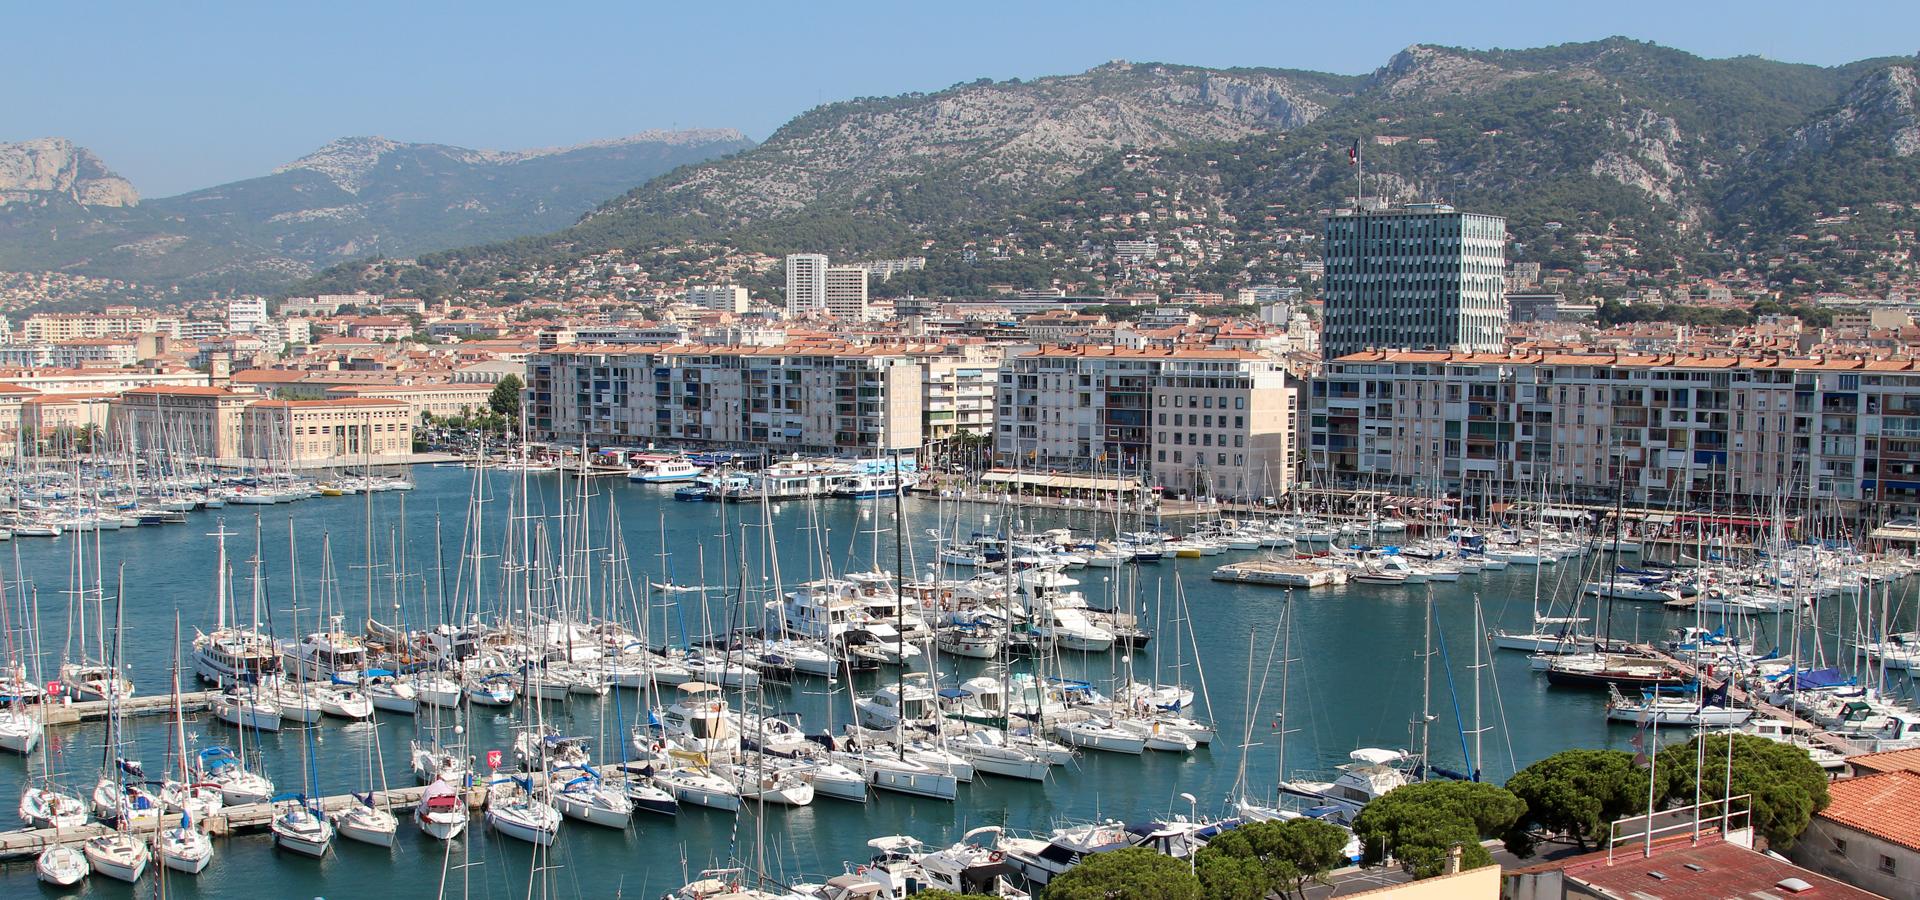 Peer-to-peer advisory in Toulon, Var Département, Provence-Alpes-Côte d'Azur, France